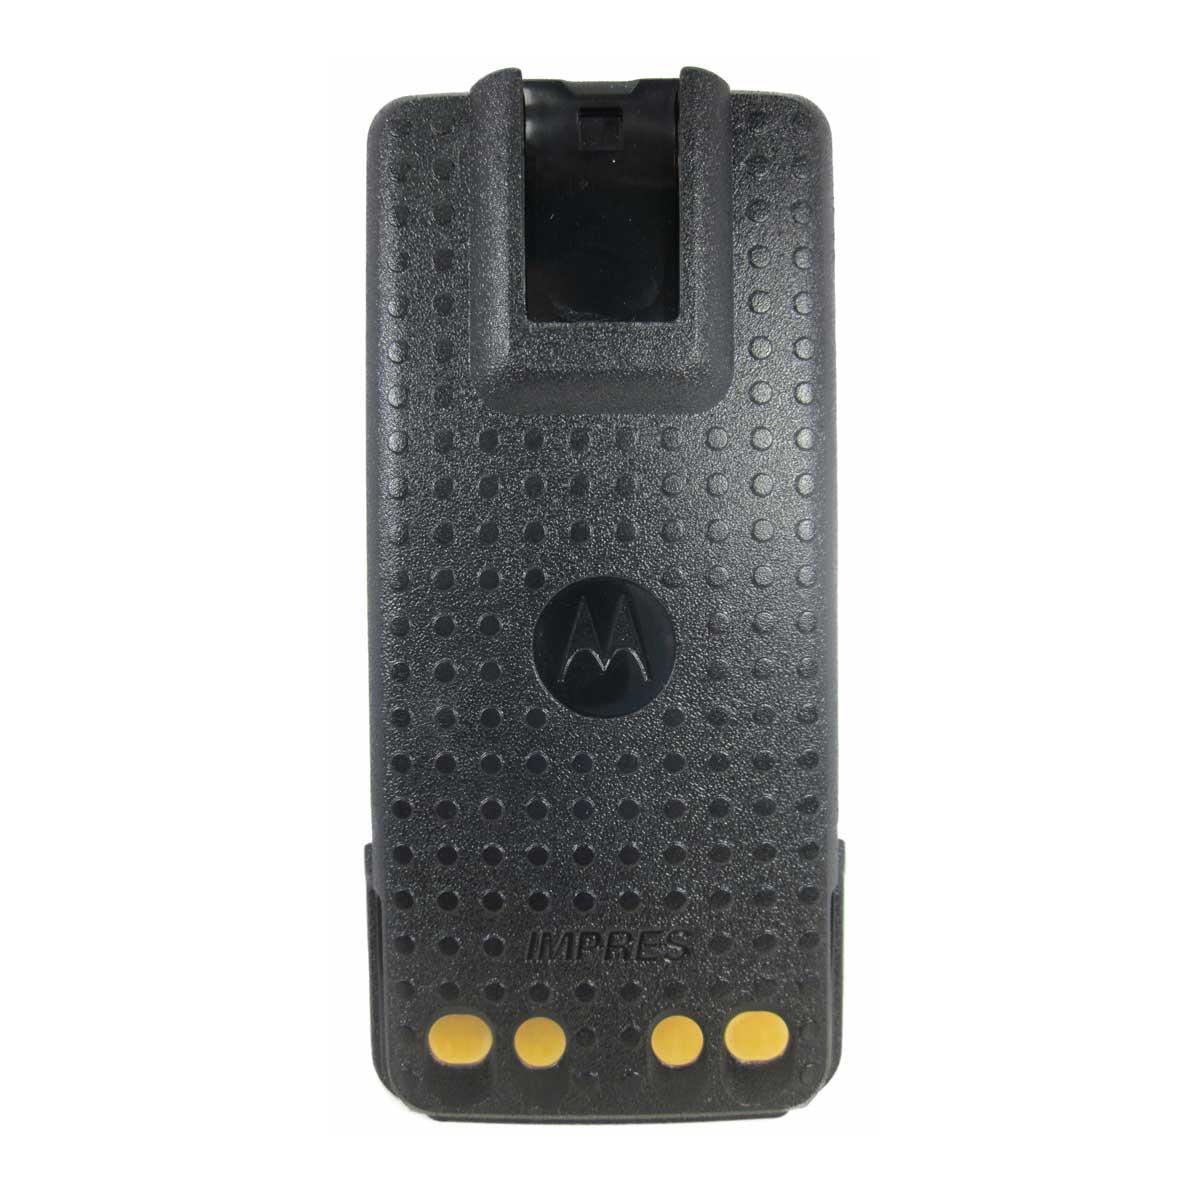 Batería Motorola Li-Ion 2900 mAh para radio series DGP y DEP QA06037AC